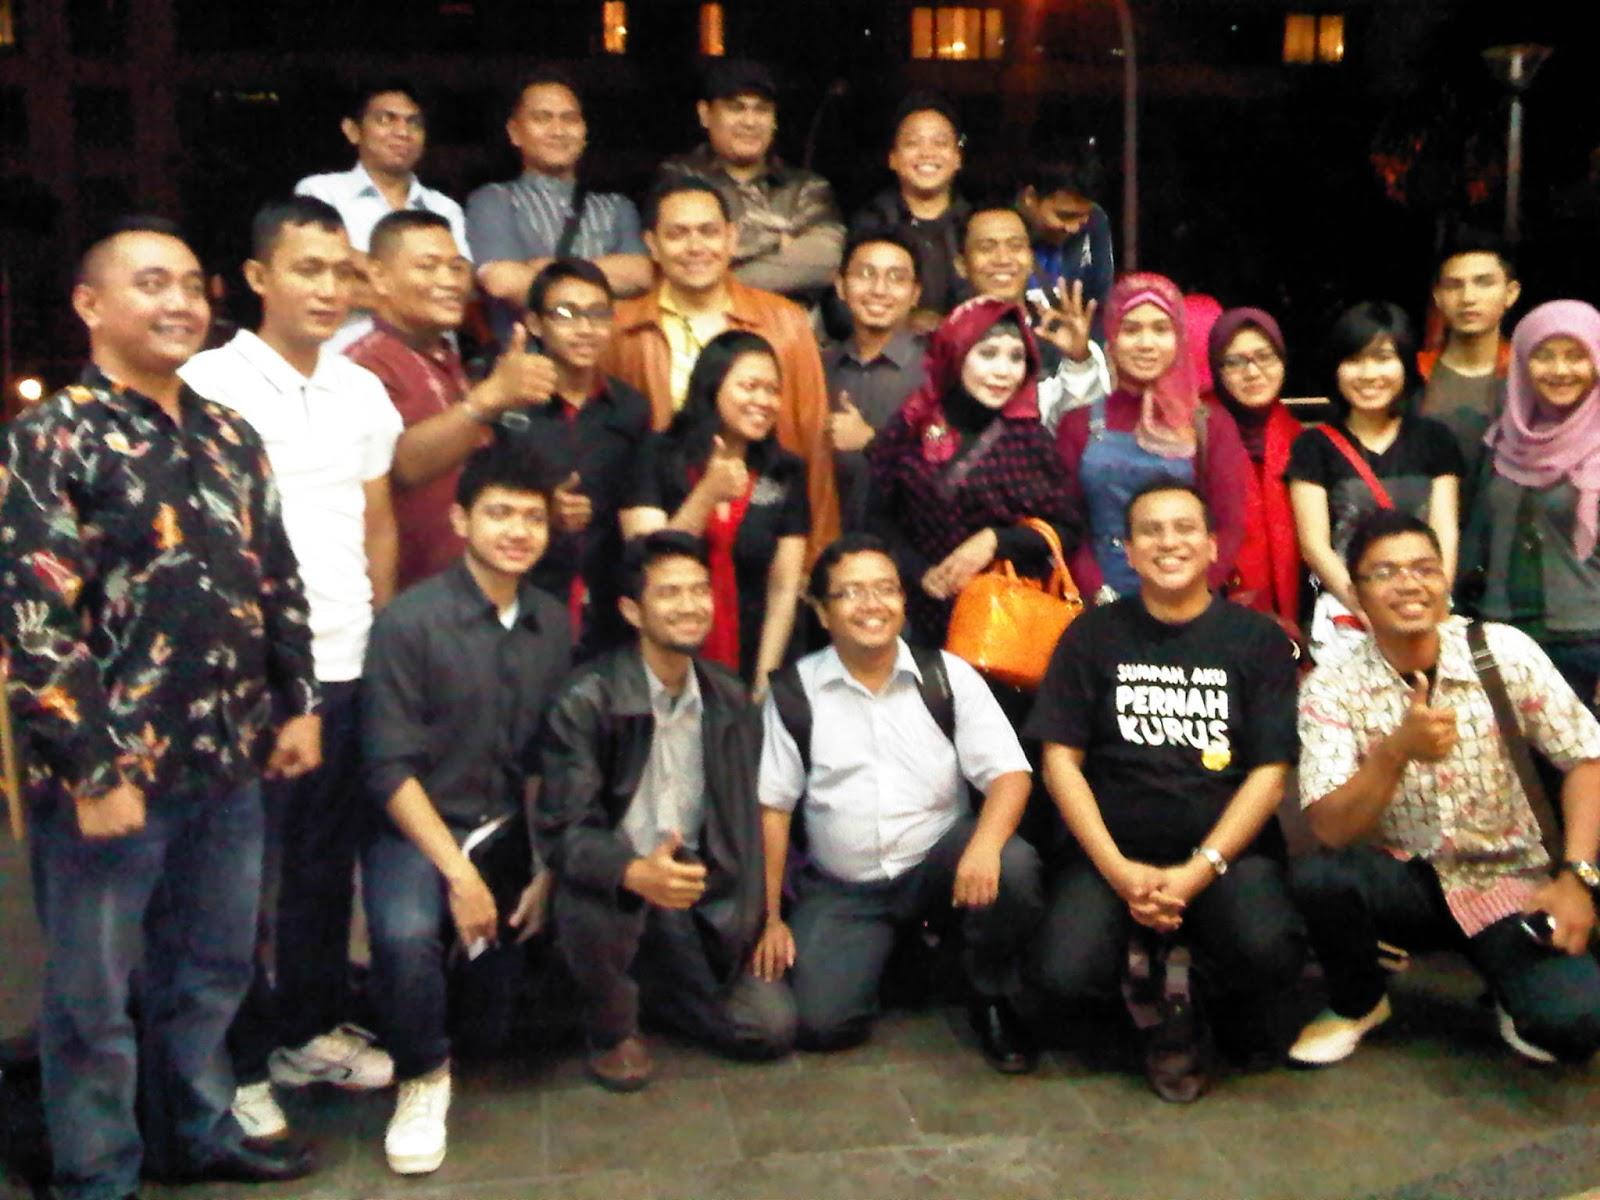 Lesehan Ayam Jantan 2012 Produk Ukm Bumn Sambal Legenda Anggota Jci Jakarta Siap Mensupport Pemerintah Menuju Perubahan Lebih Baik